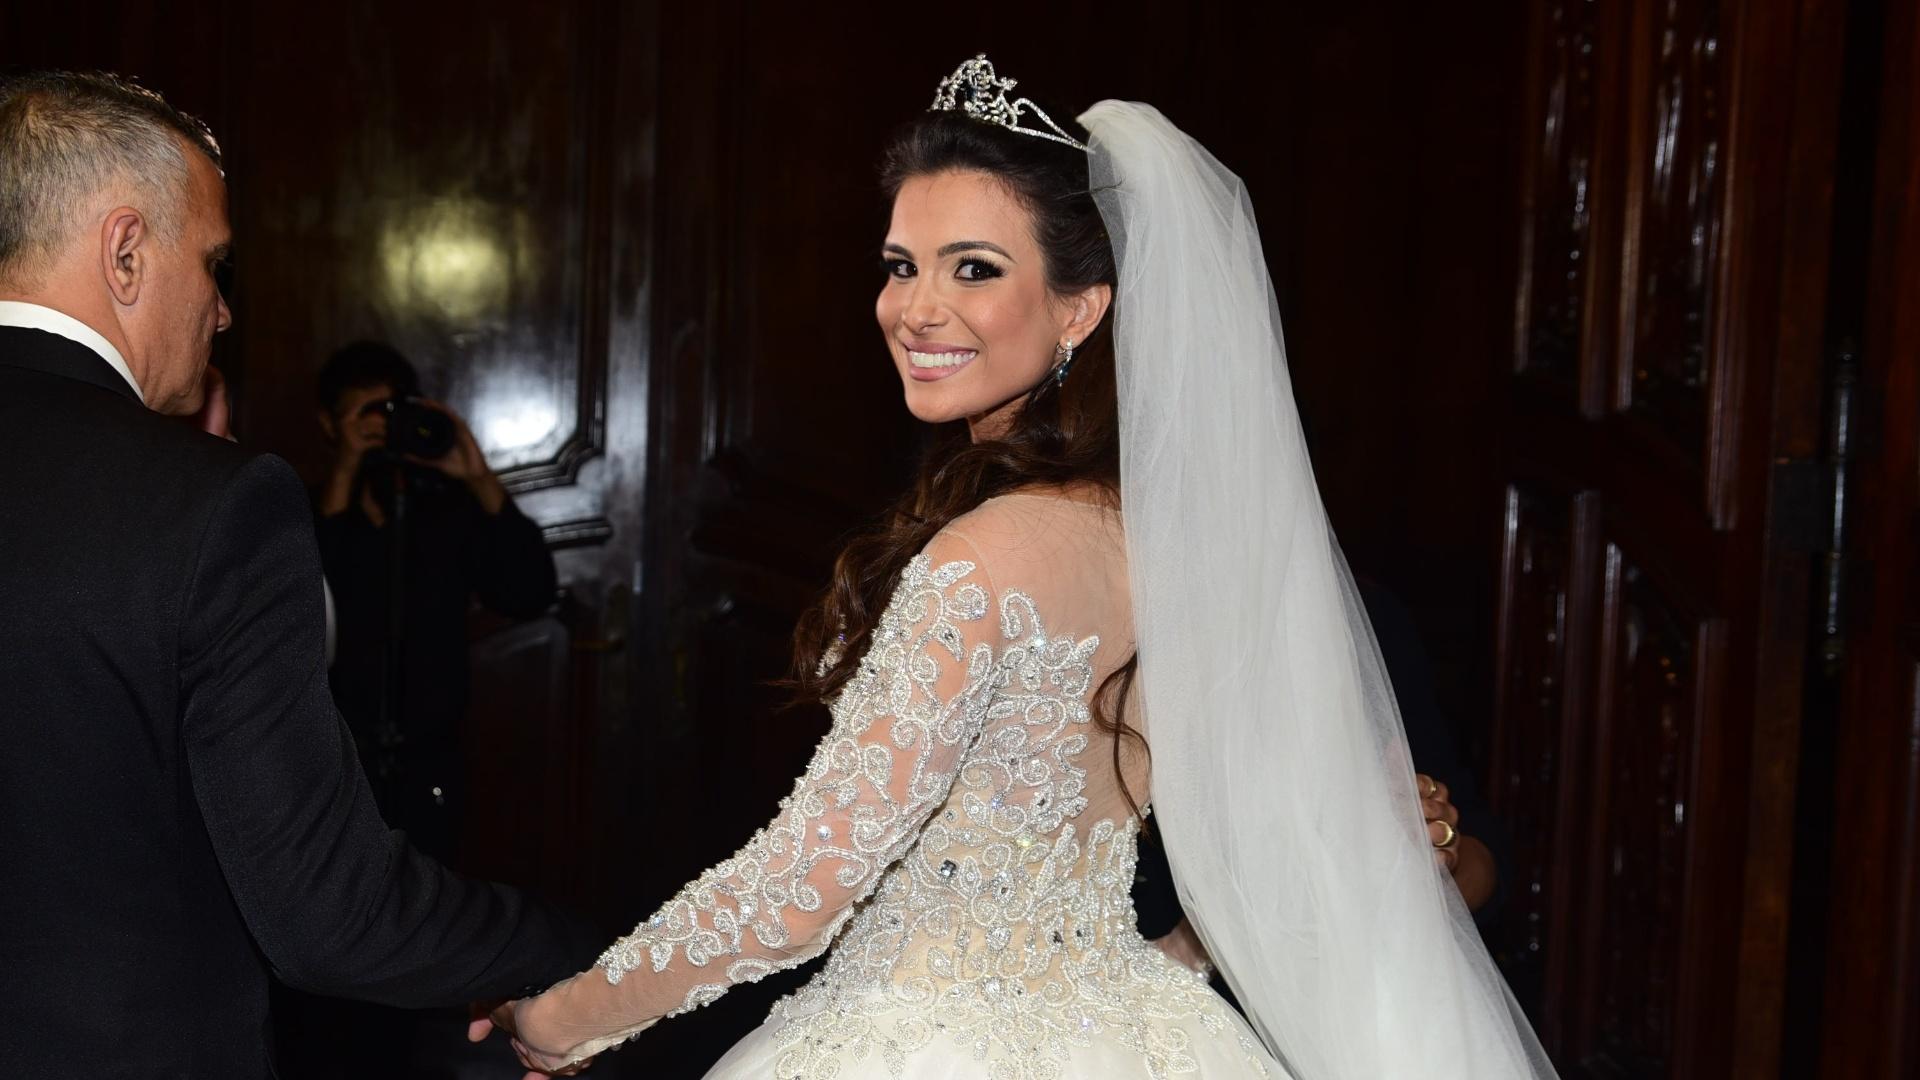 4.set.2016 - Ao lado do pai, a ex-BBB Kamilla Salgado se prepara para entrar na igreja para a cerimônia religiosa de casamento com Eliéser Ambrósio